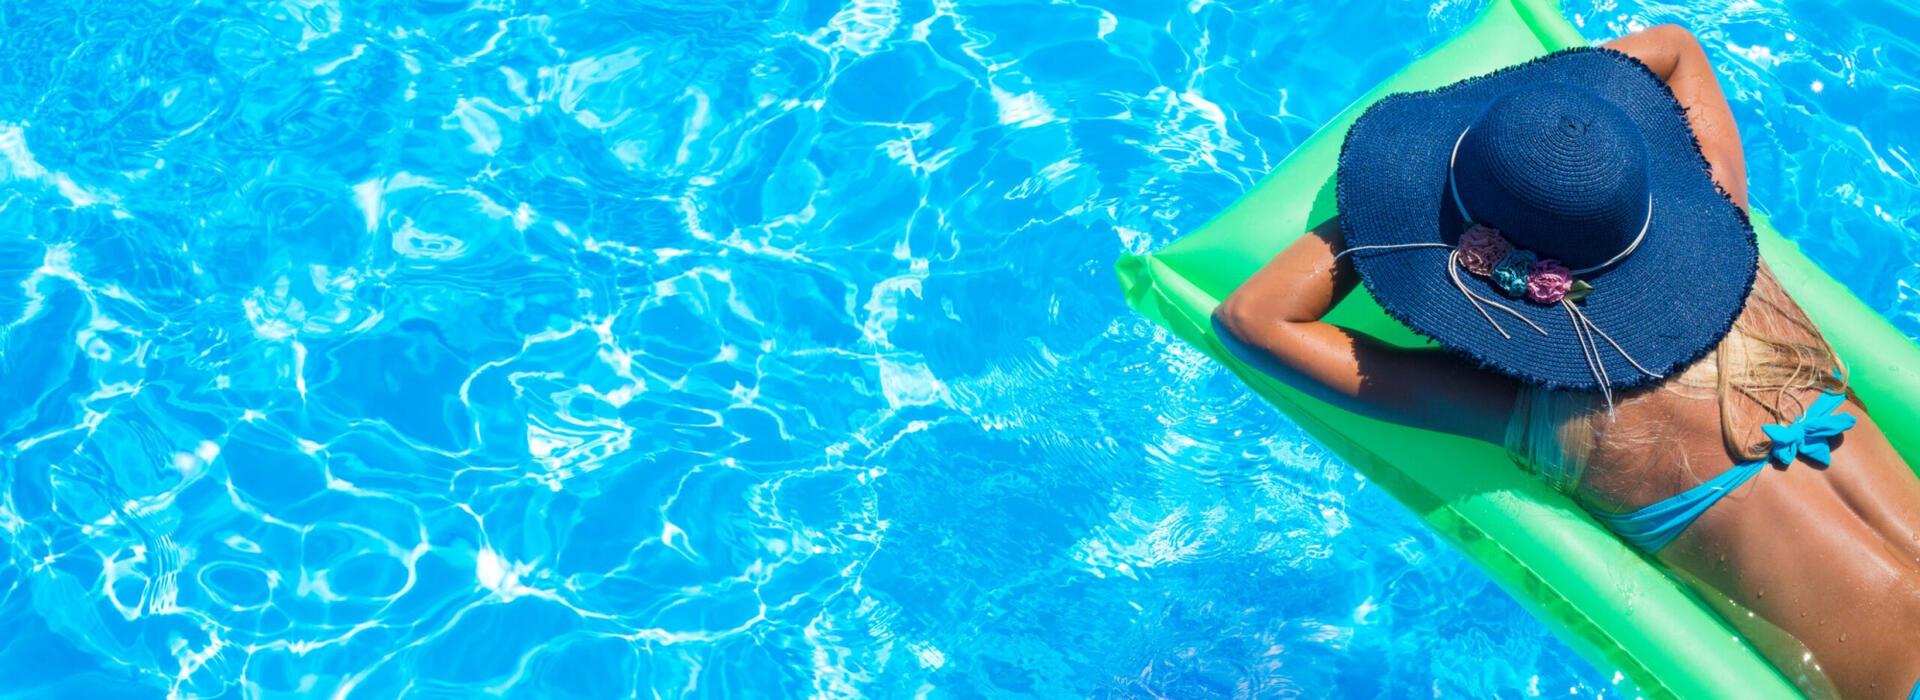 Speciale Giugno in pensione completa  con bambini GRATIS da 0 a 5 anni in hotel con Piscina!